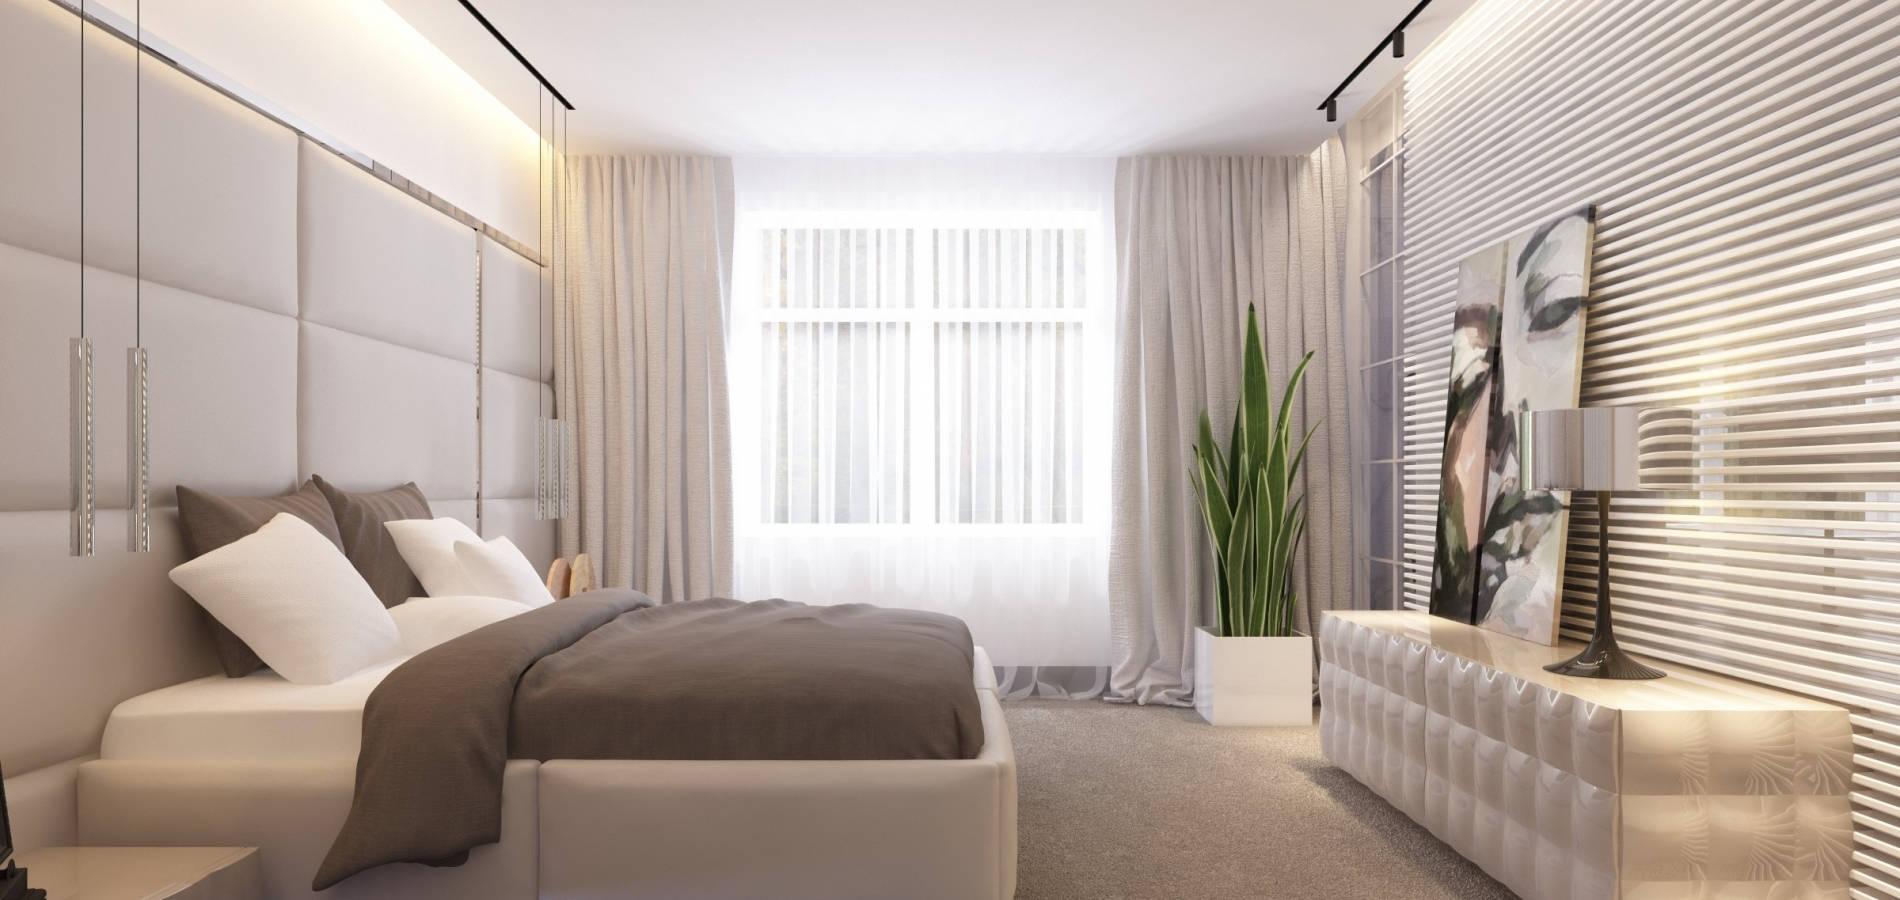 Спальня з мякими меблями SH_402